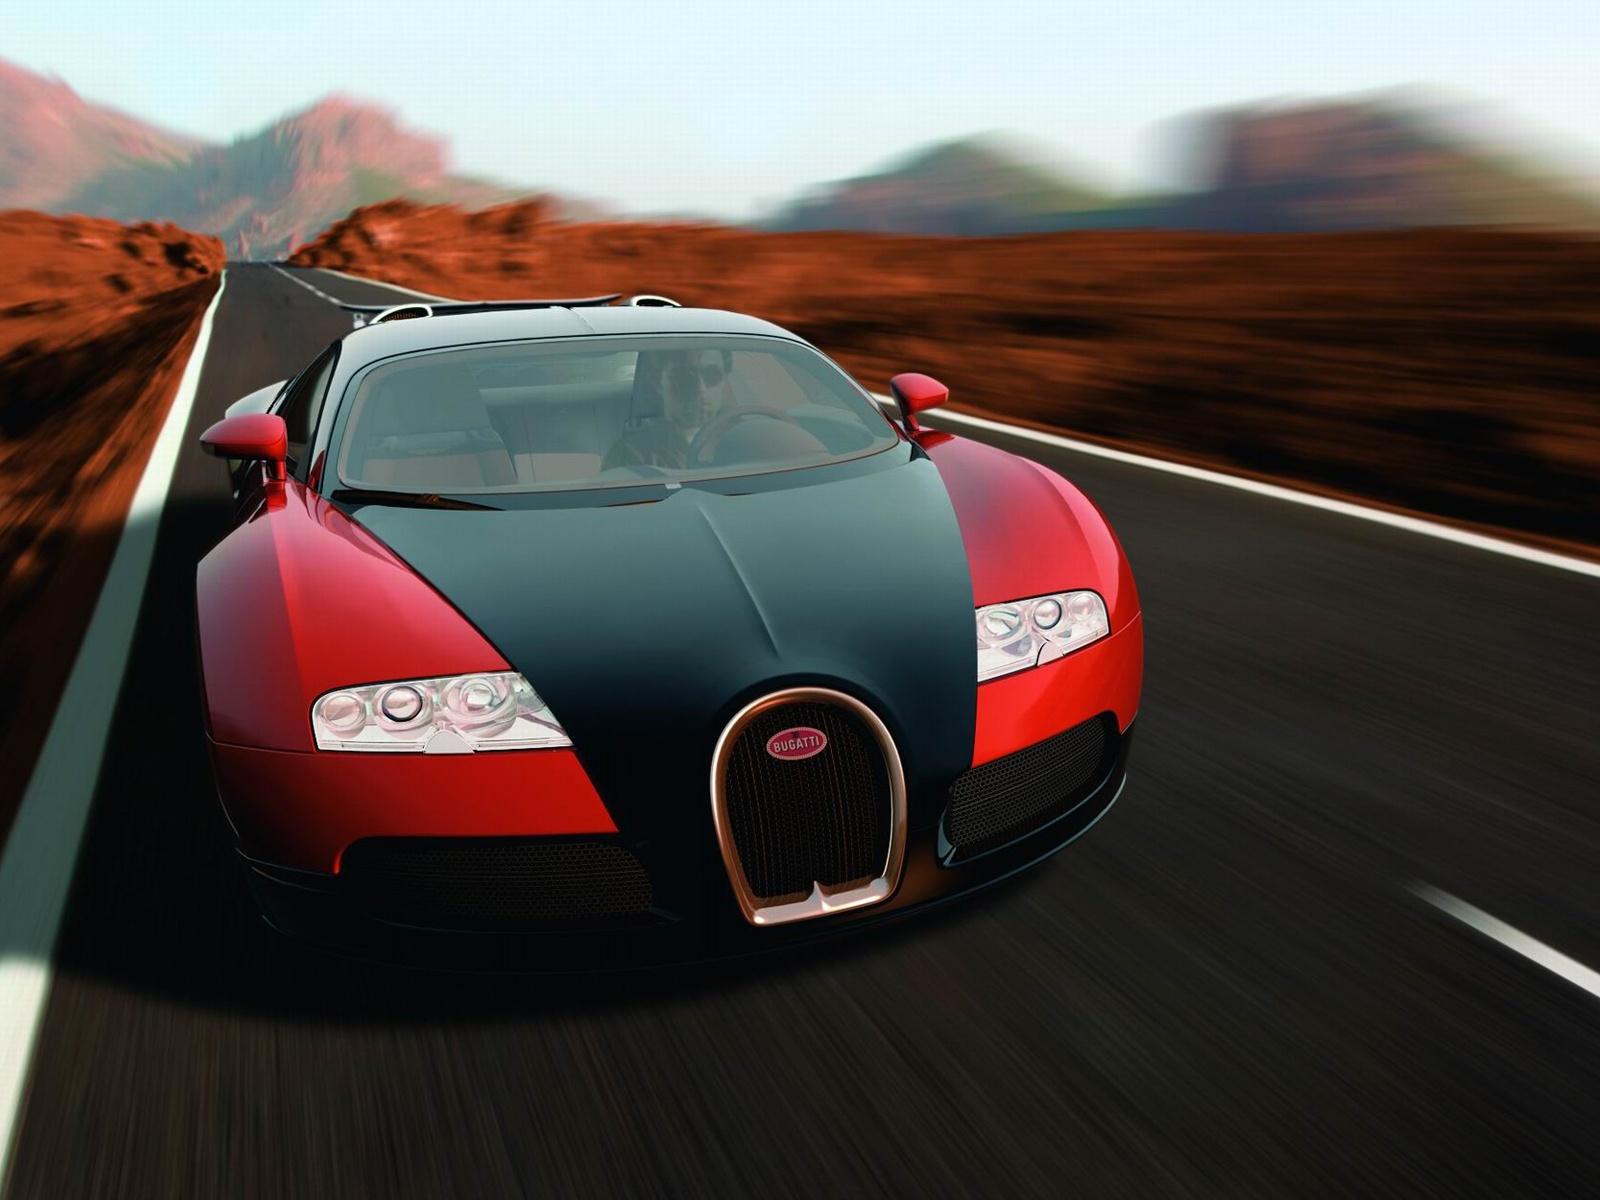 http://2.bp.blogspot.com/-QUyfRgtY3TM/TthHOf2yUDI/AAAAAAAABng/xyveCDIU18Y/s1600/bugatti-veyron-cg.jpg